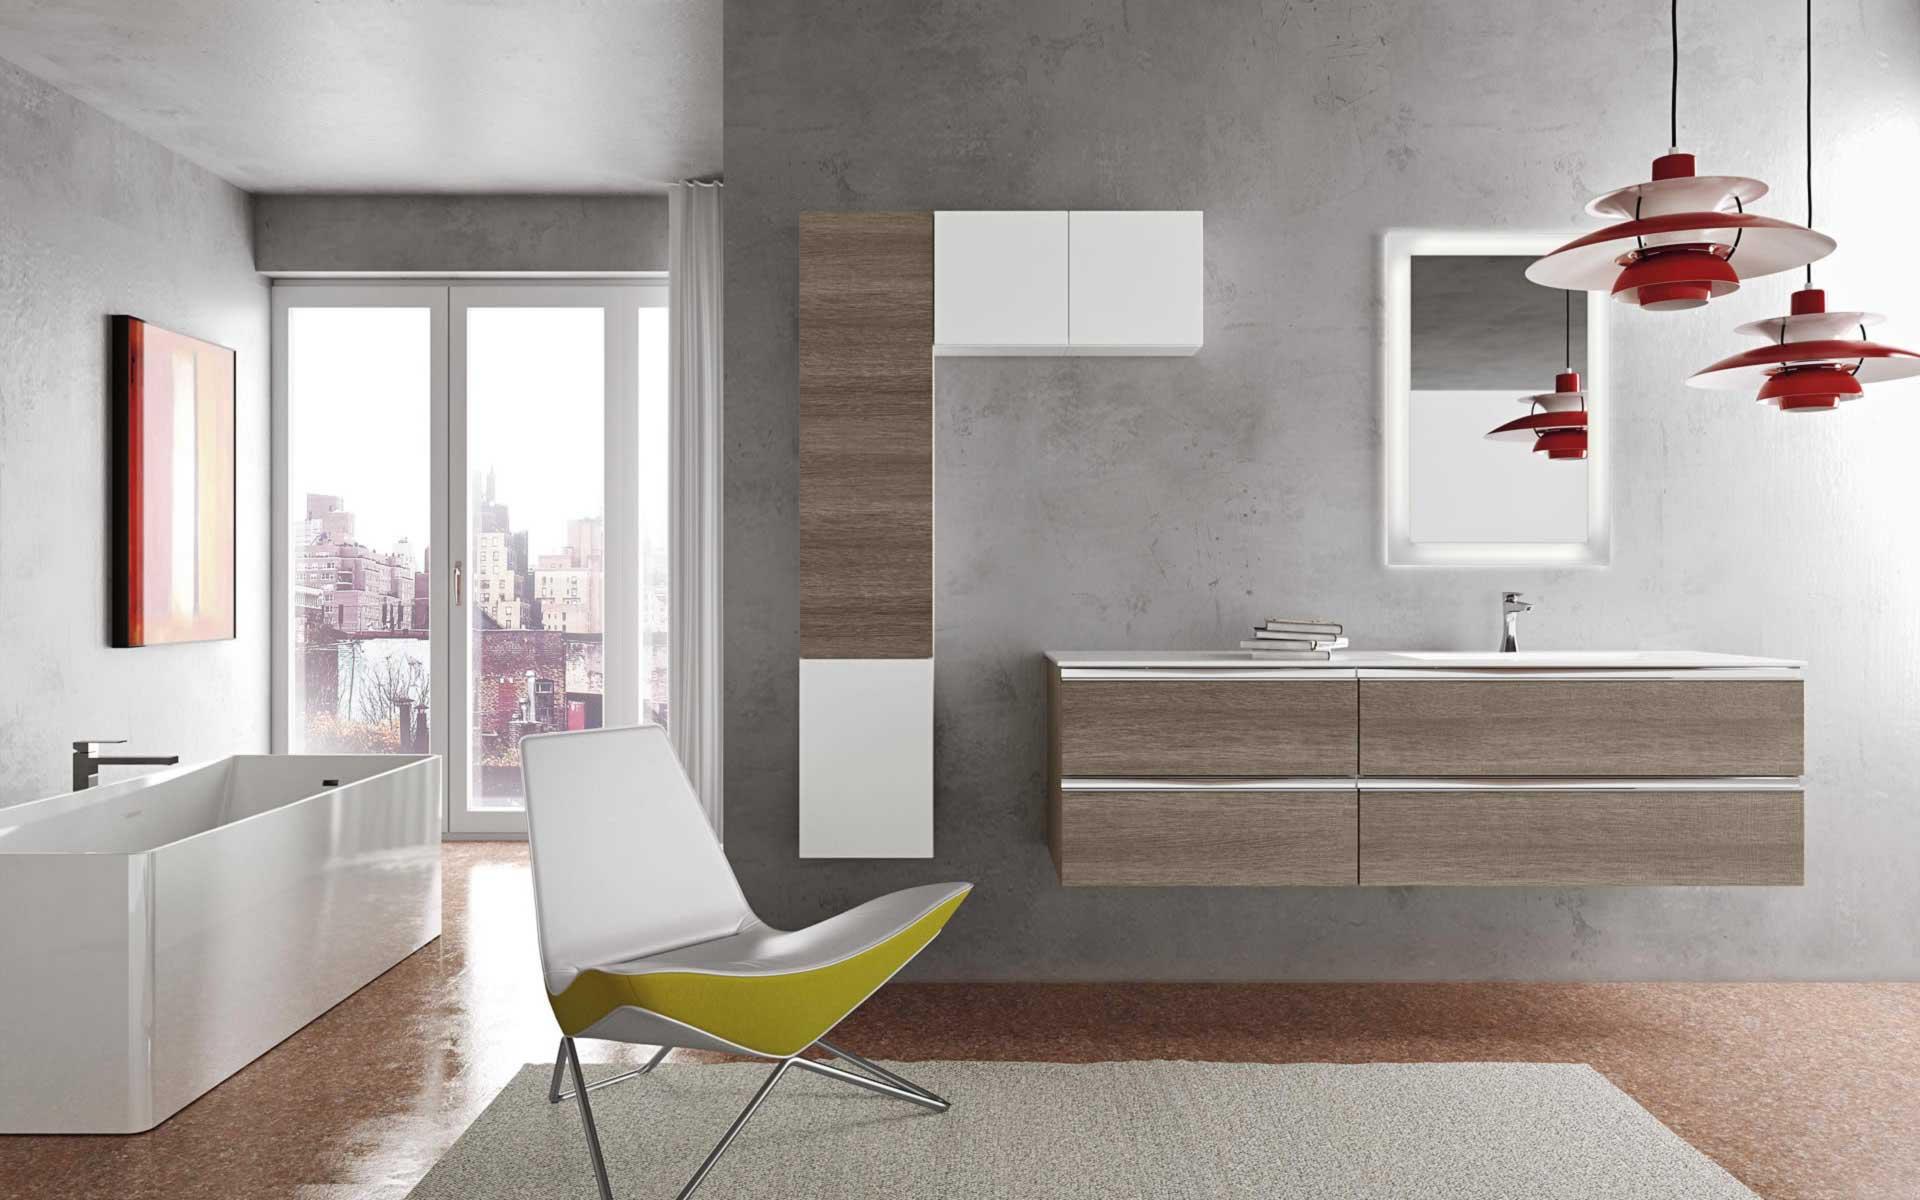 salle de bains lille r alisation et produits. Black Bedroom Furniture Sets. Home Design Ideas